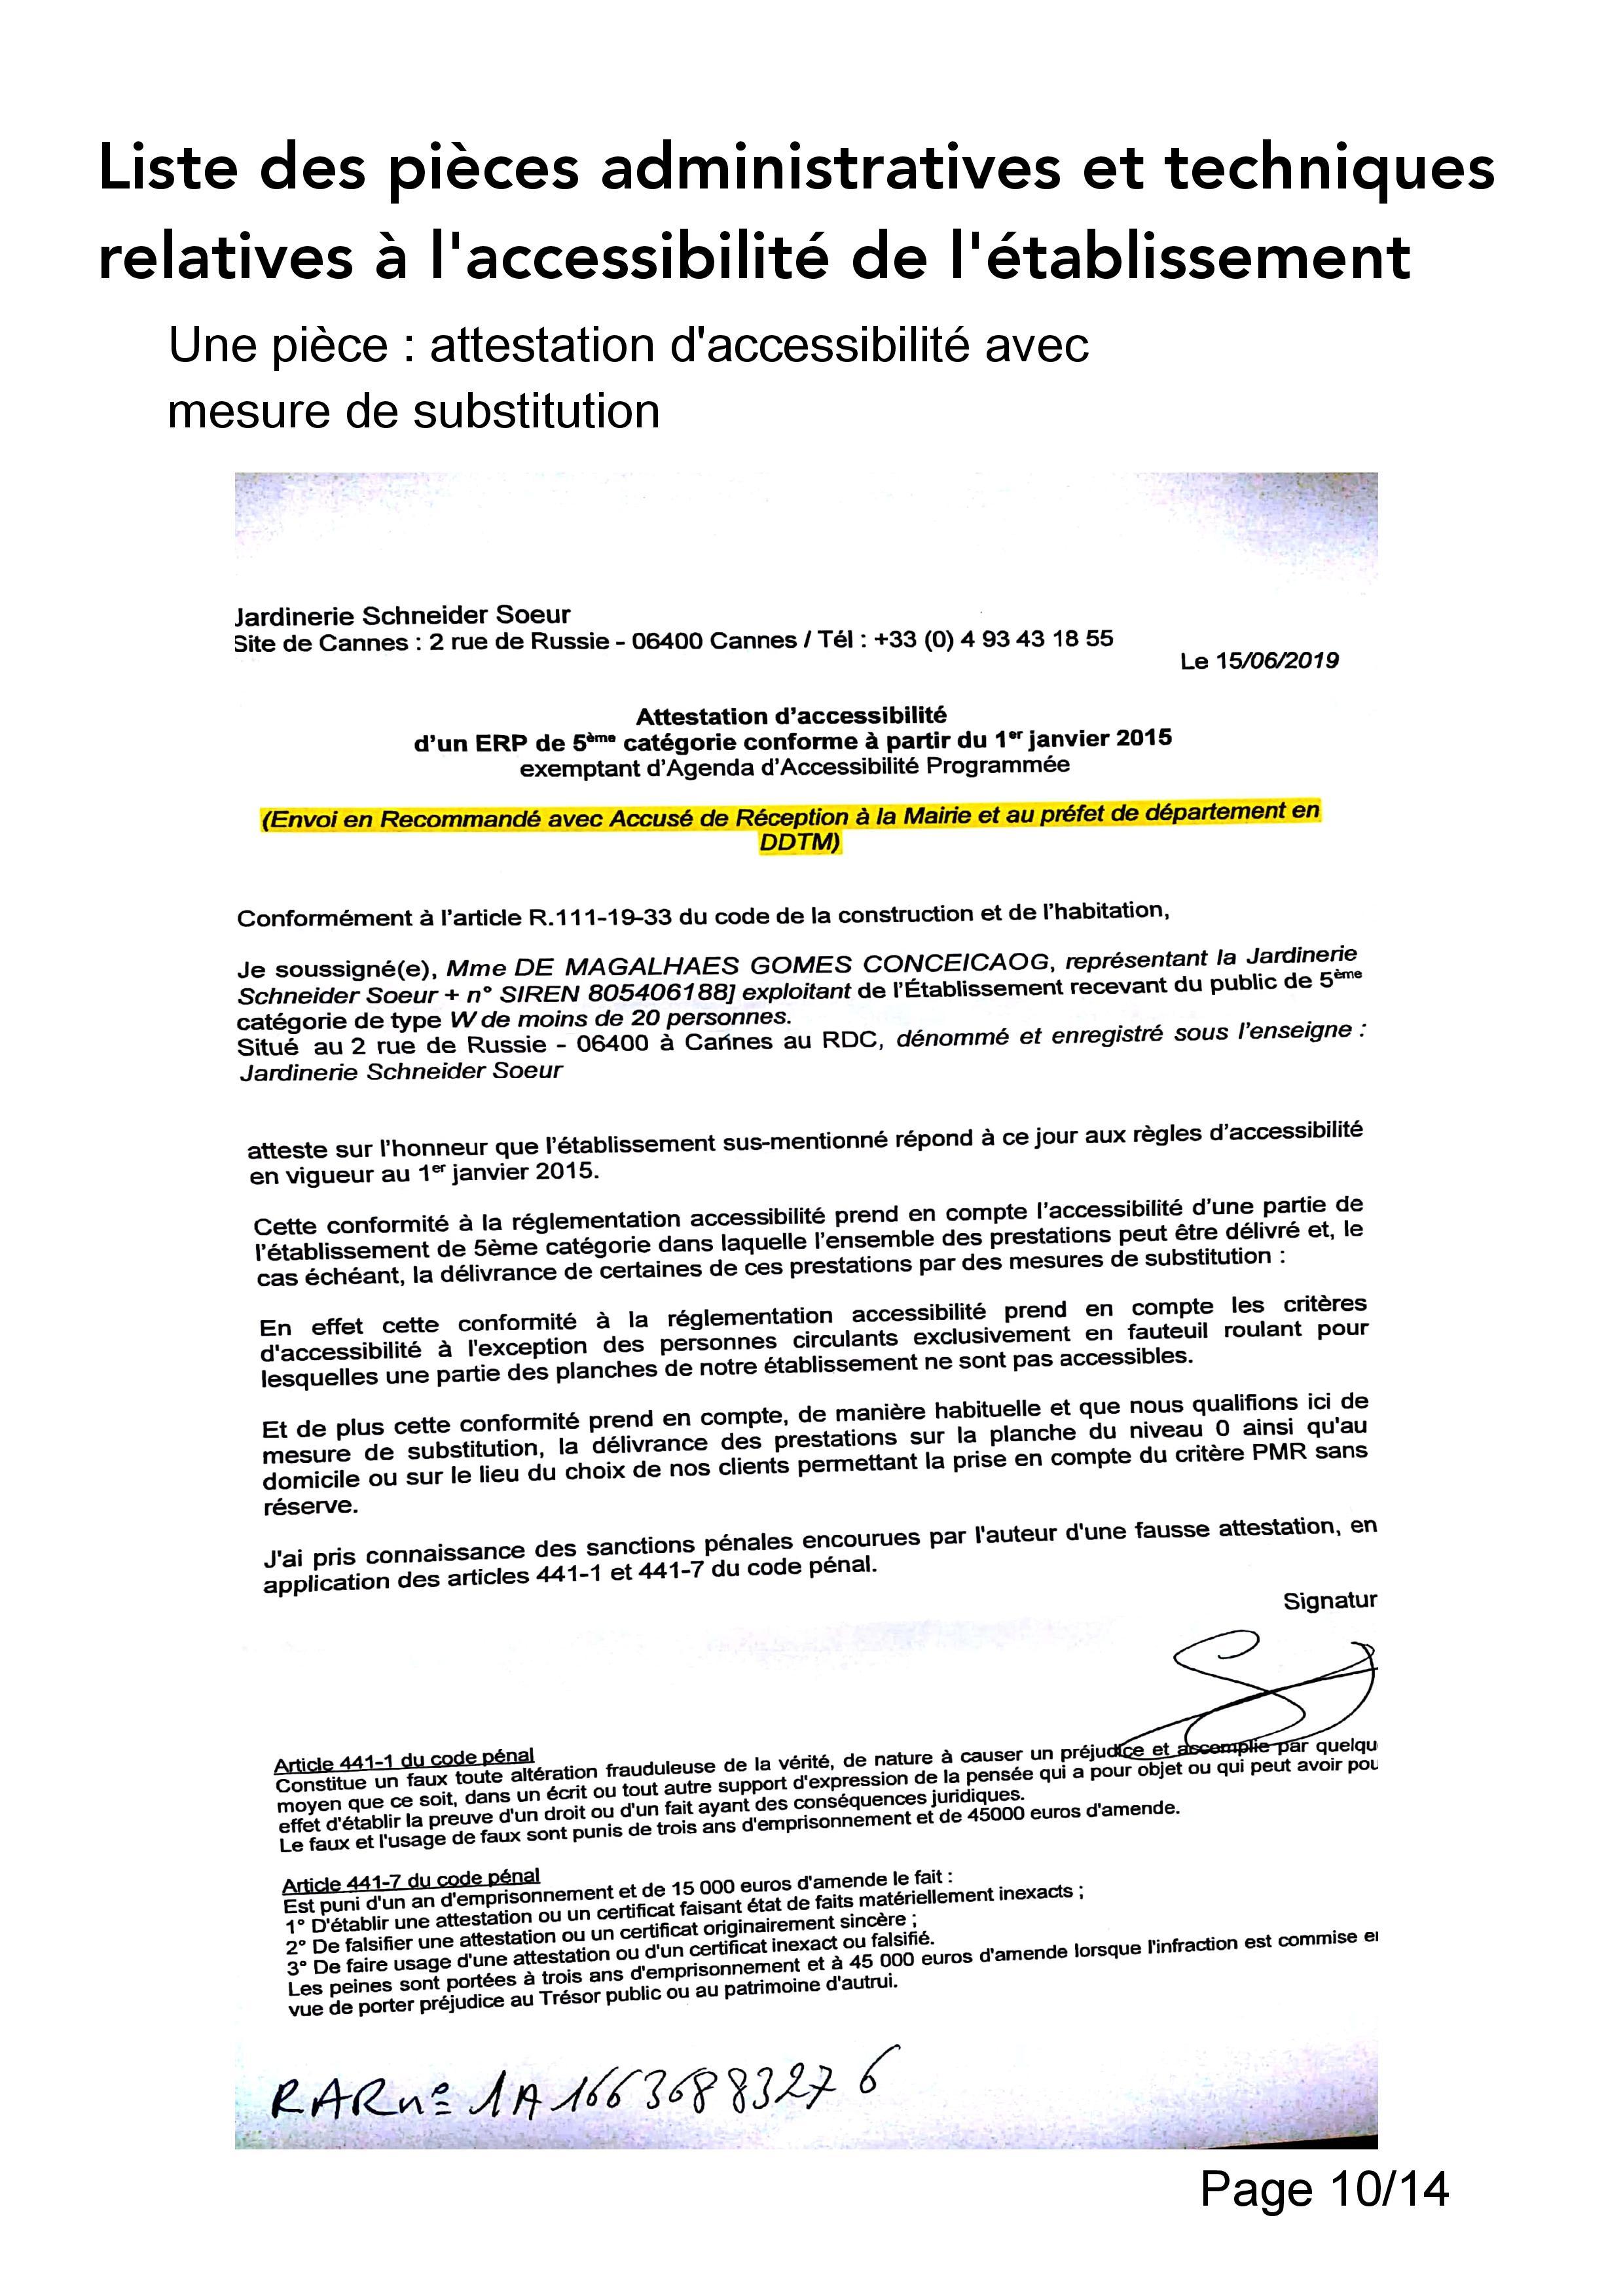 Registre accessibilité Jardinerie Schneider Soeur Cannes-page-010